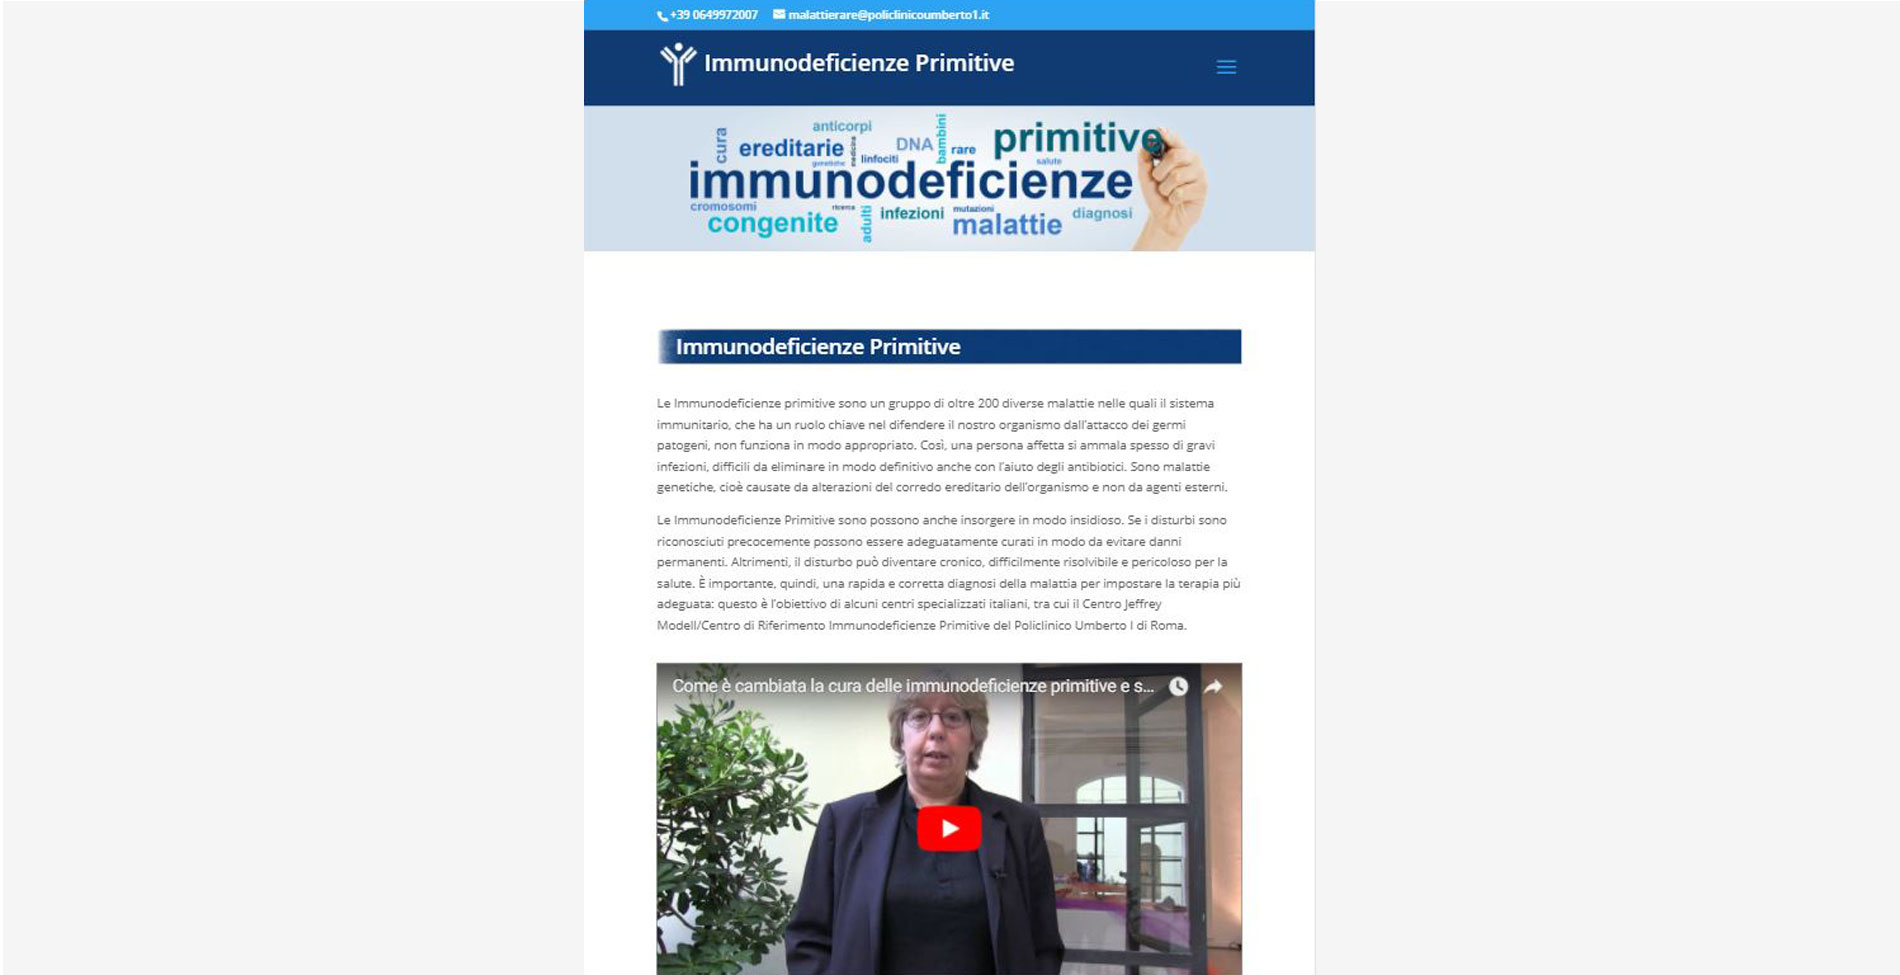 Sito web Immunodeficienze modalità tablet